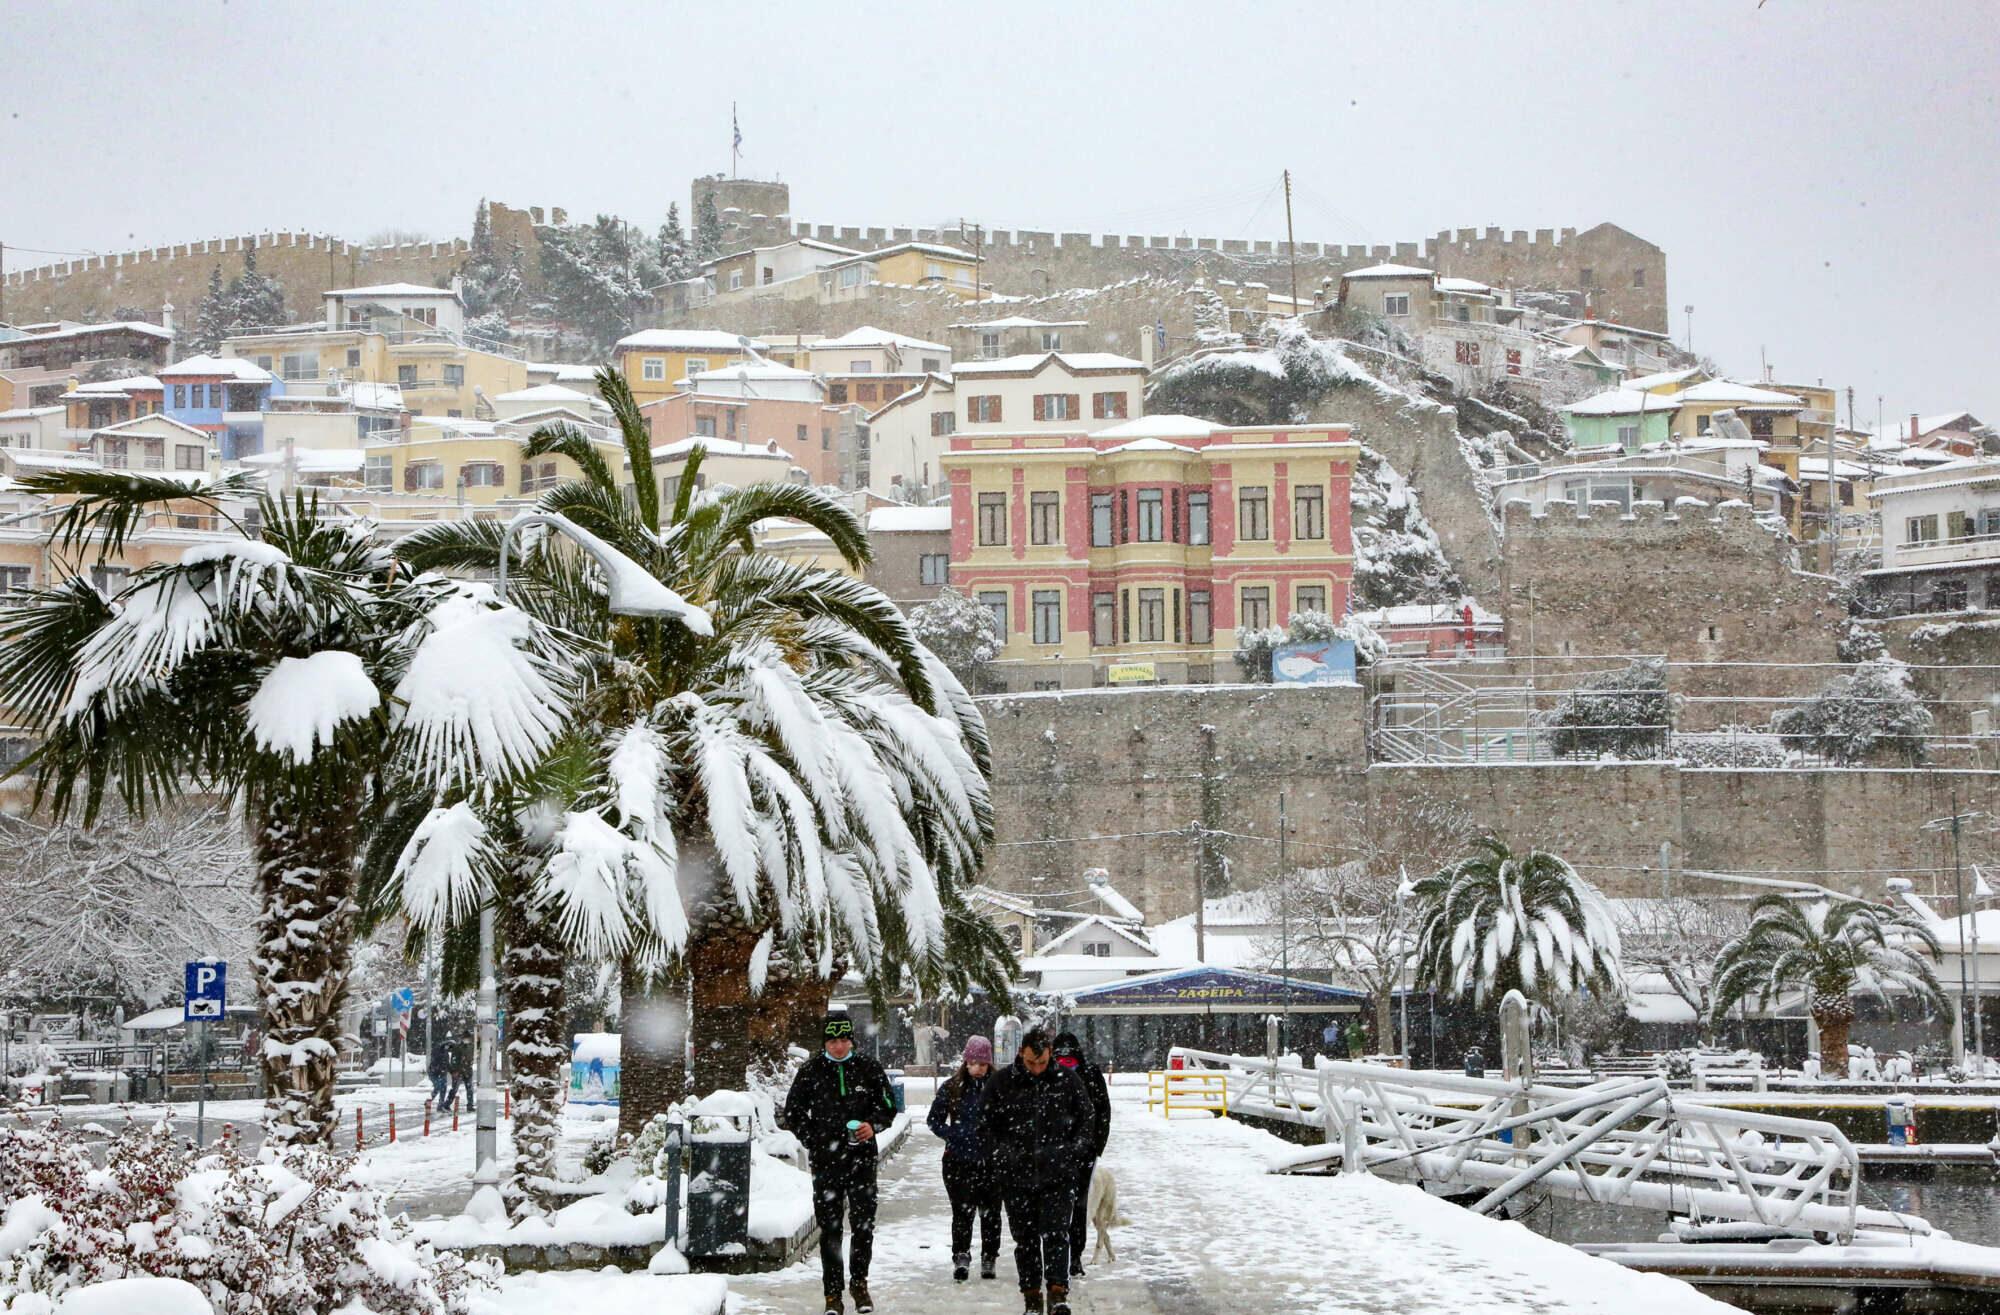 Το κάστρο και το λιμάνι της Καβάλας καλυμμένα από παχύ στρώμα χιονιού